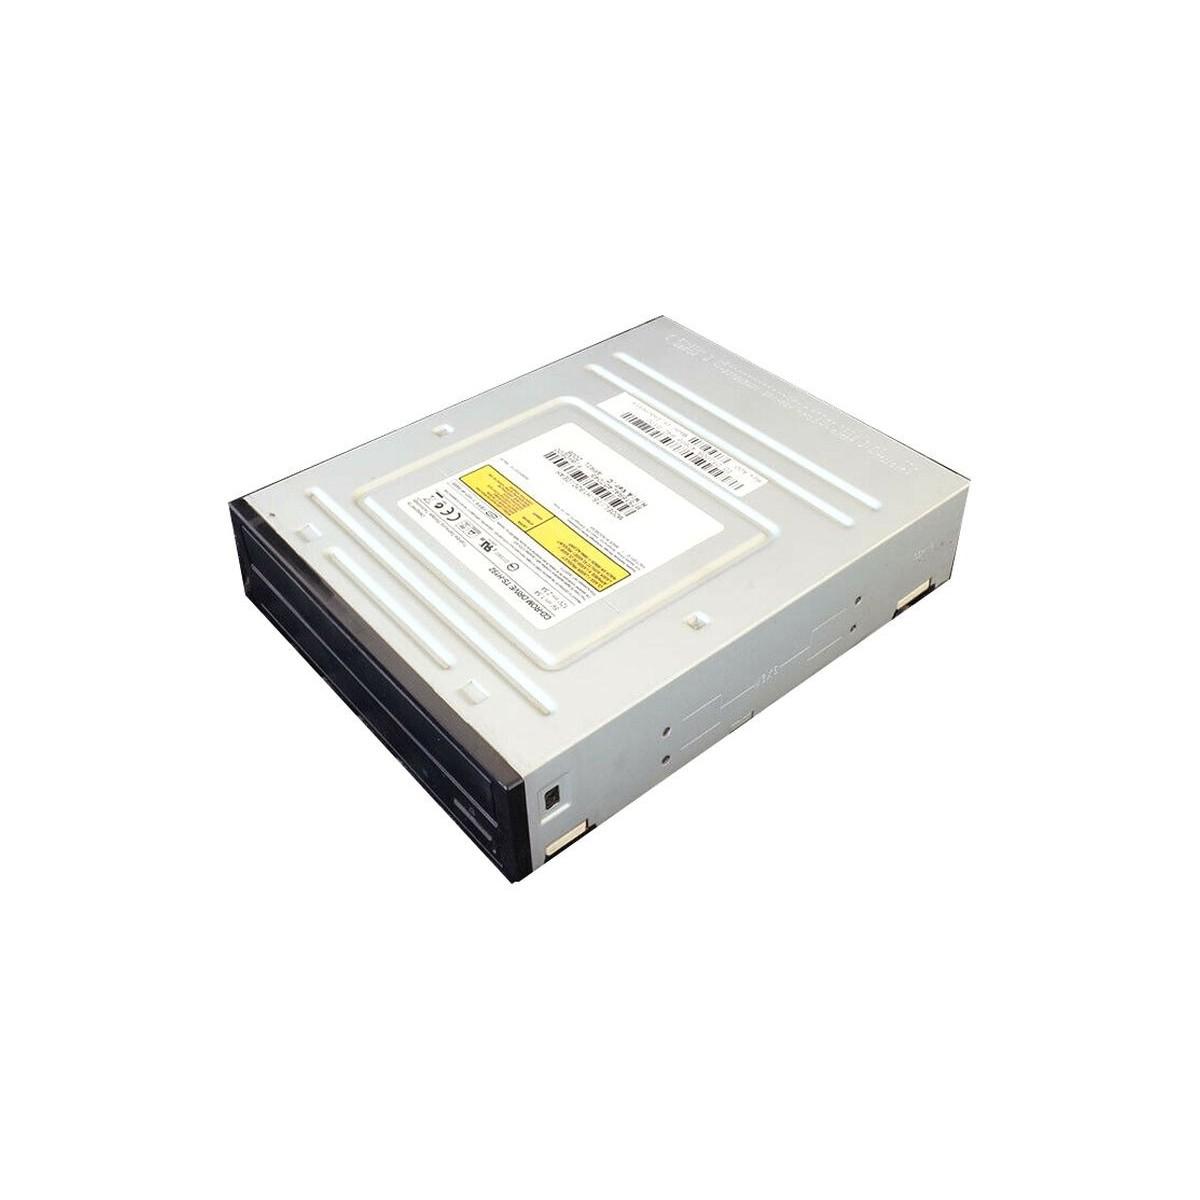 BACKPLANE 2xHDD DELL PE M610 M710 0P669H